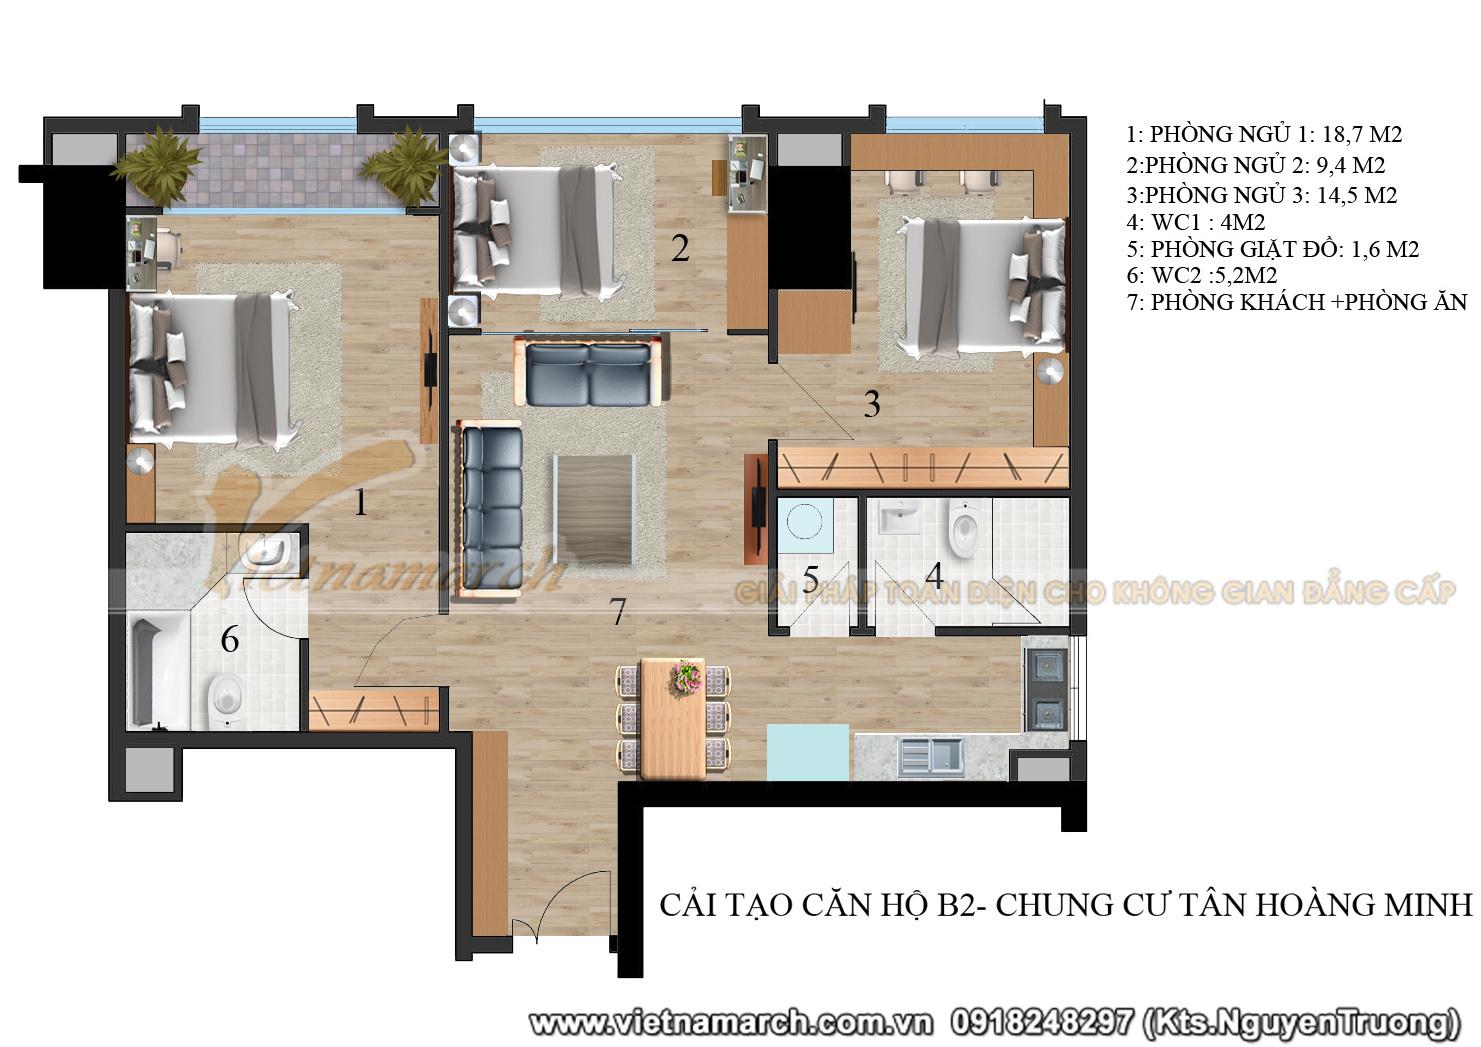 Mặt bằng phương án cải tạo căn hộ B2 chung cư Tân Hoàng Minh